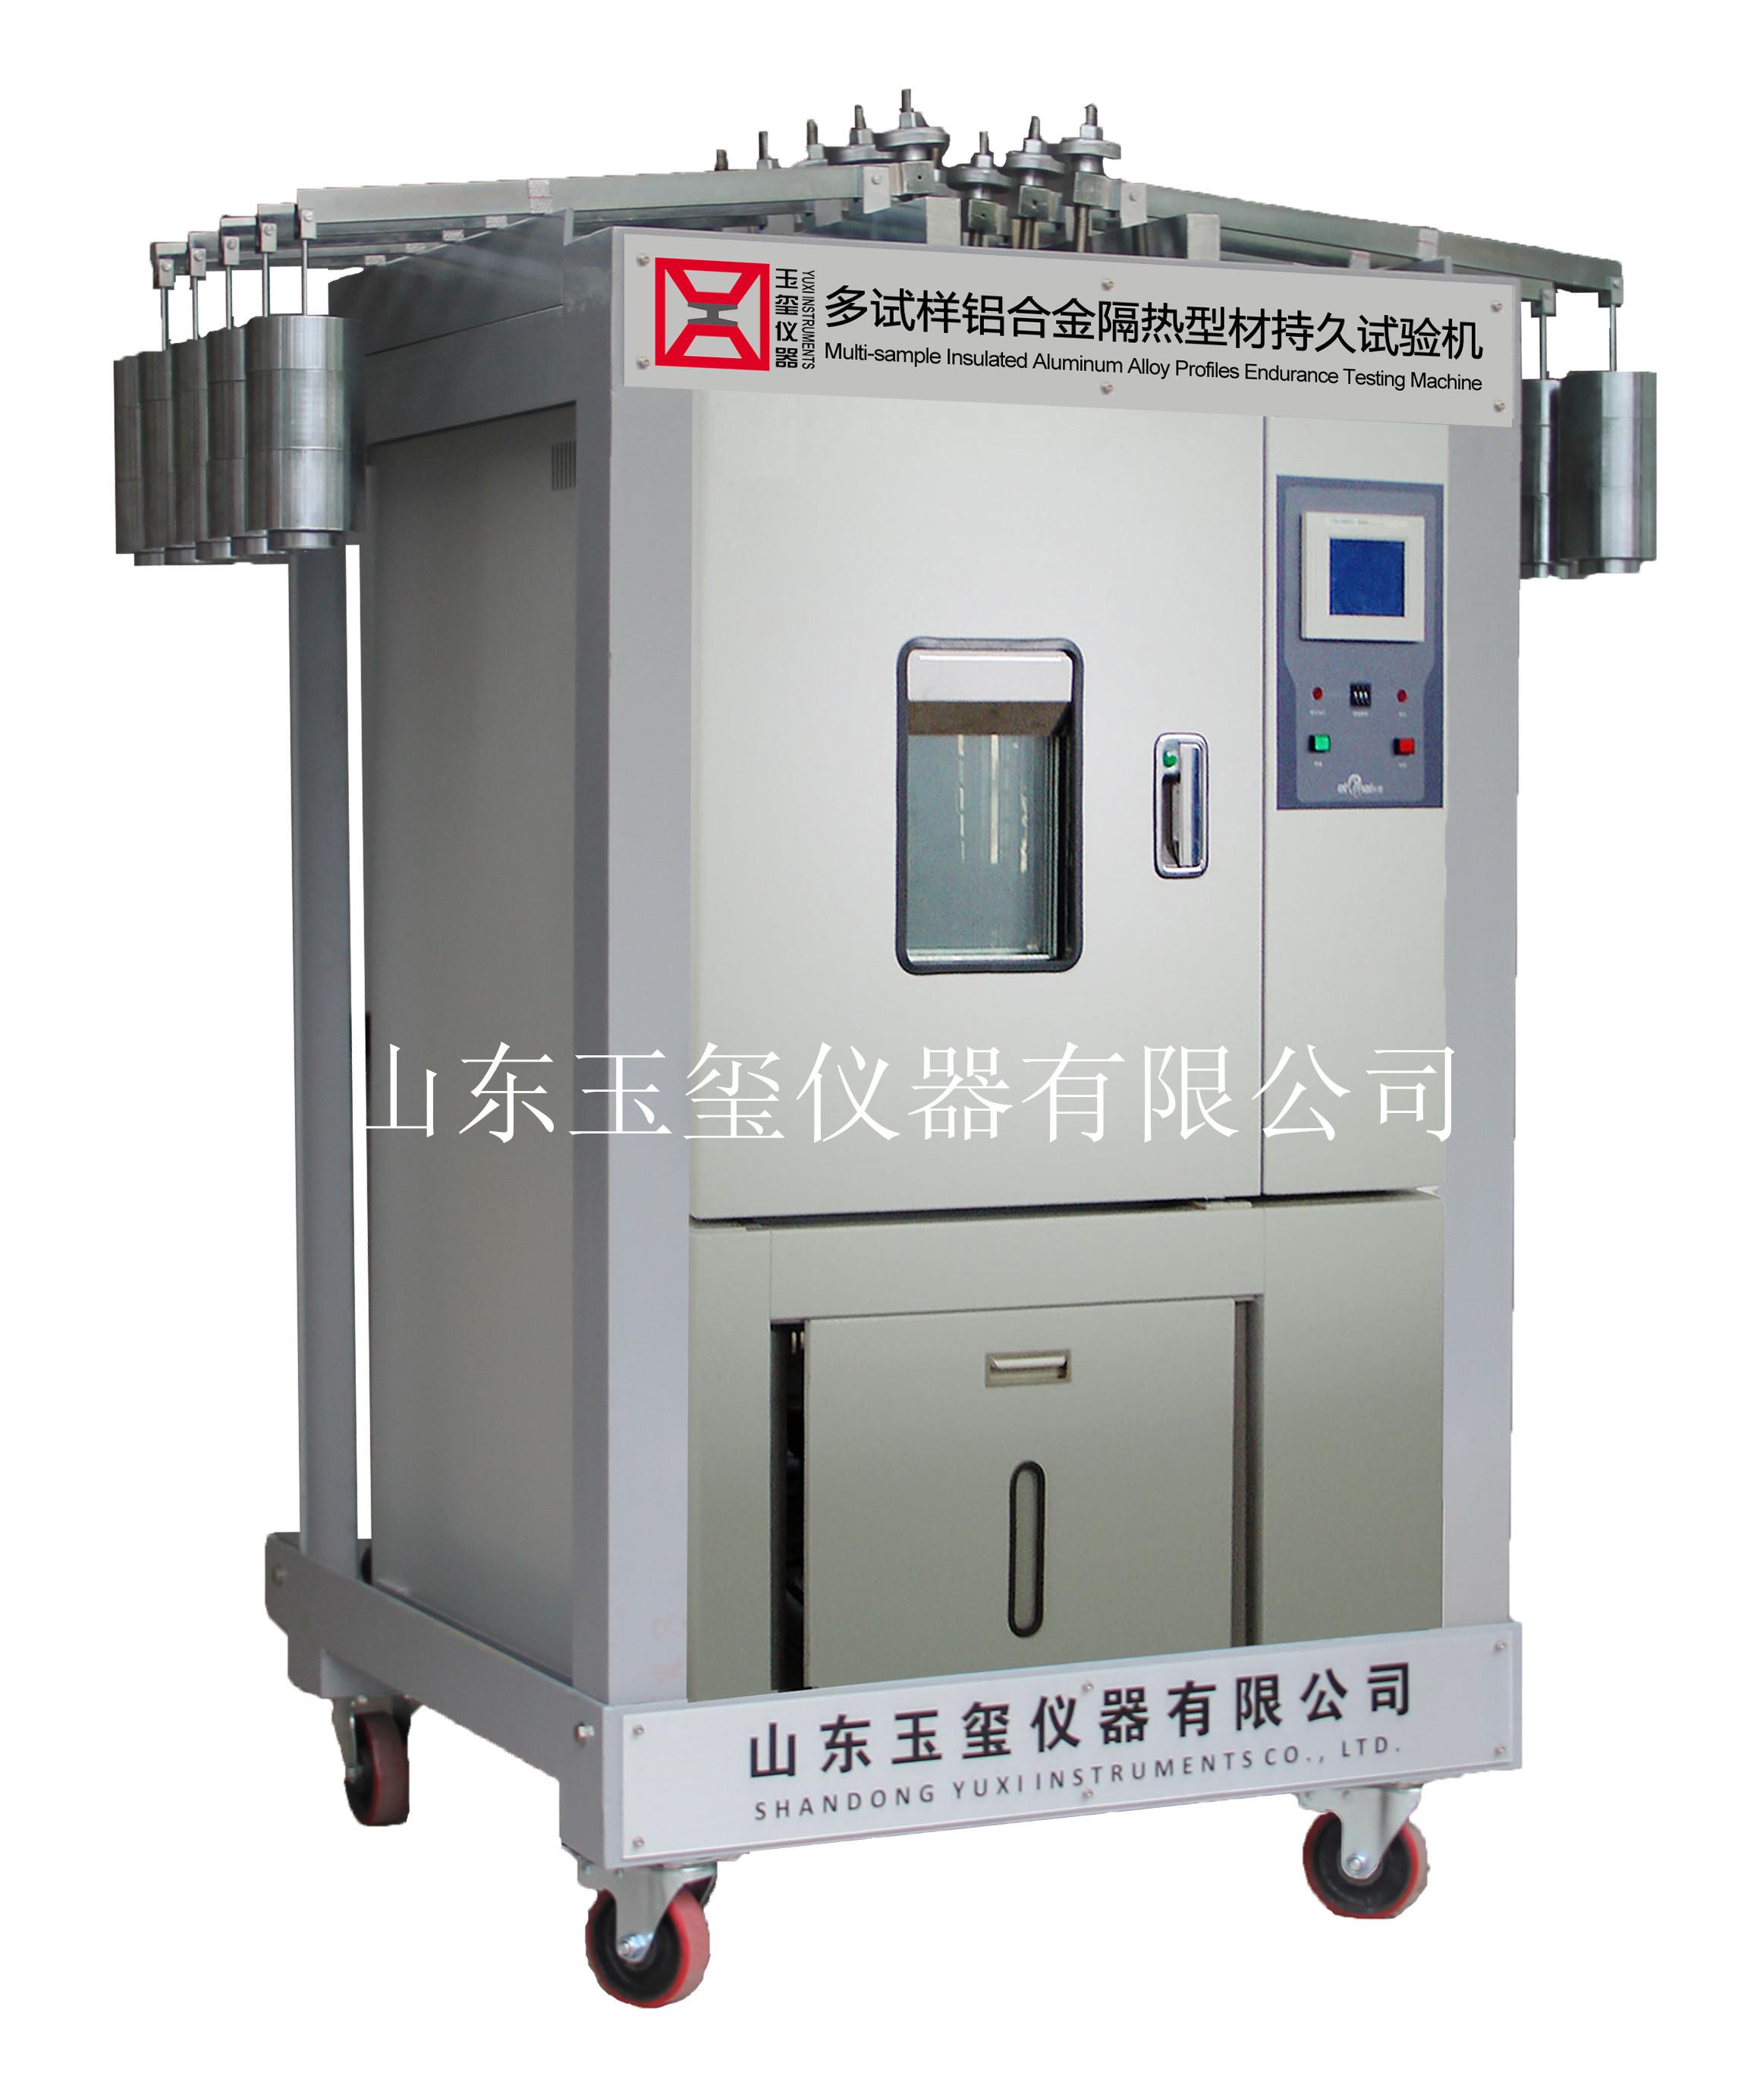 多试样铝合金隔热型材高低温持久试验机